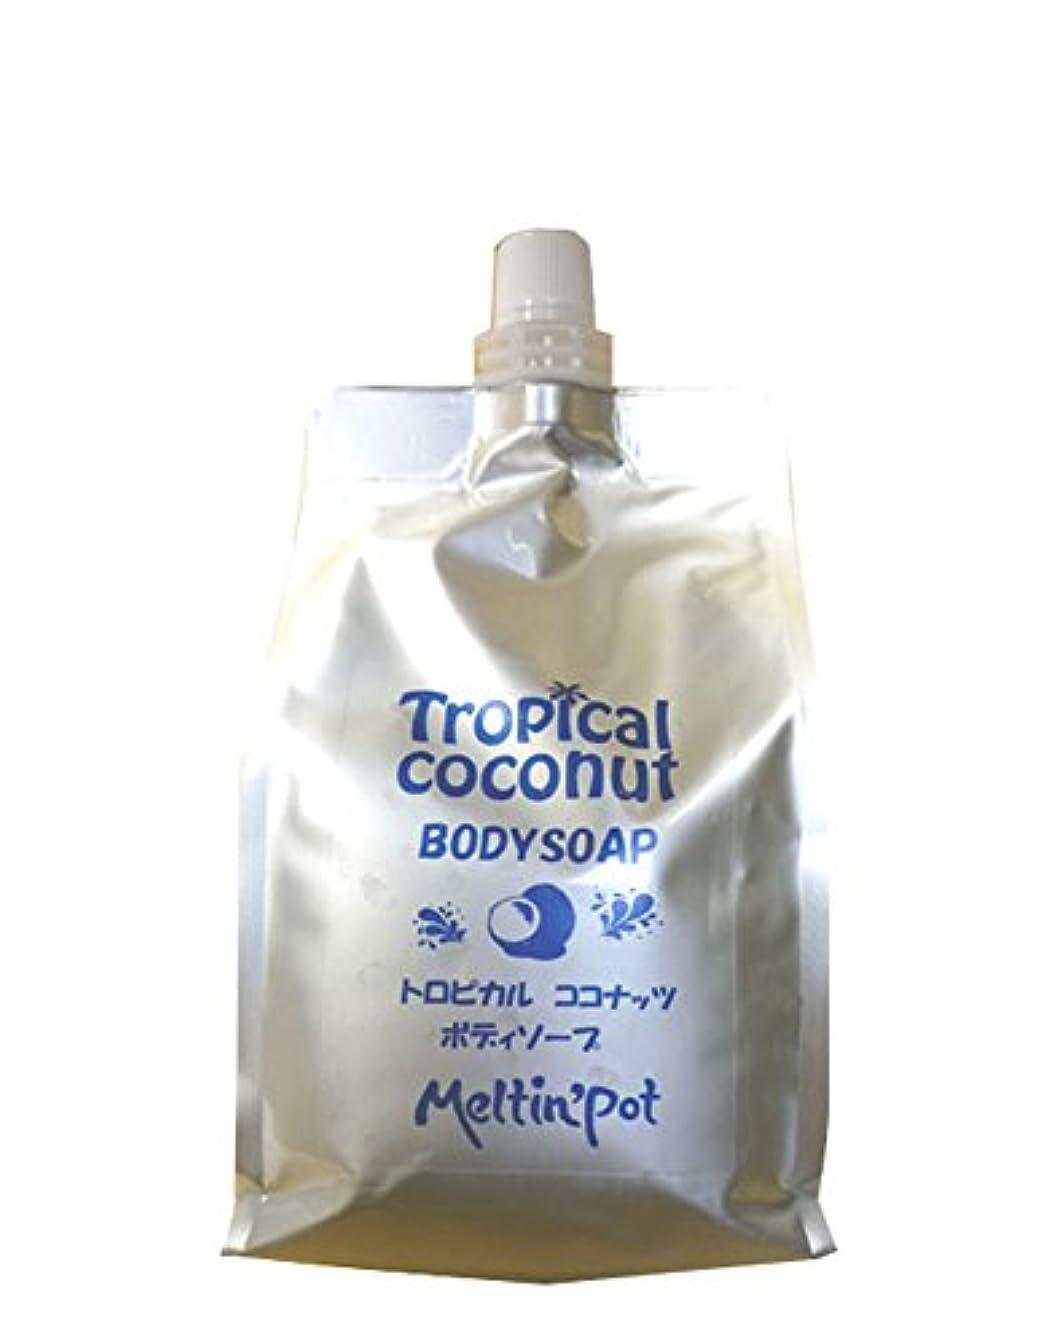 腹部脚本現象トロピカルココナッツ ボディソープ 1000ml 詰め替え Tropical coconut Body Soap 加齢臭に! [MeltinPot]